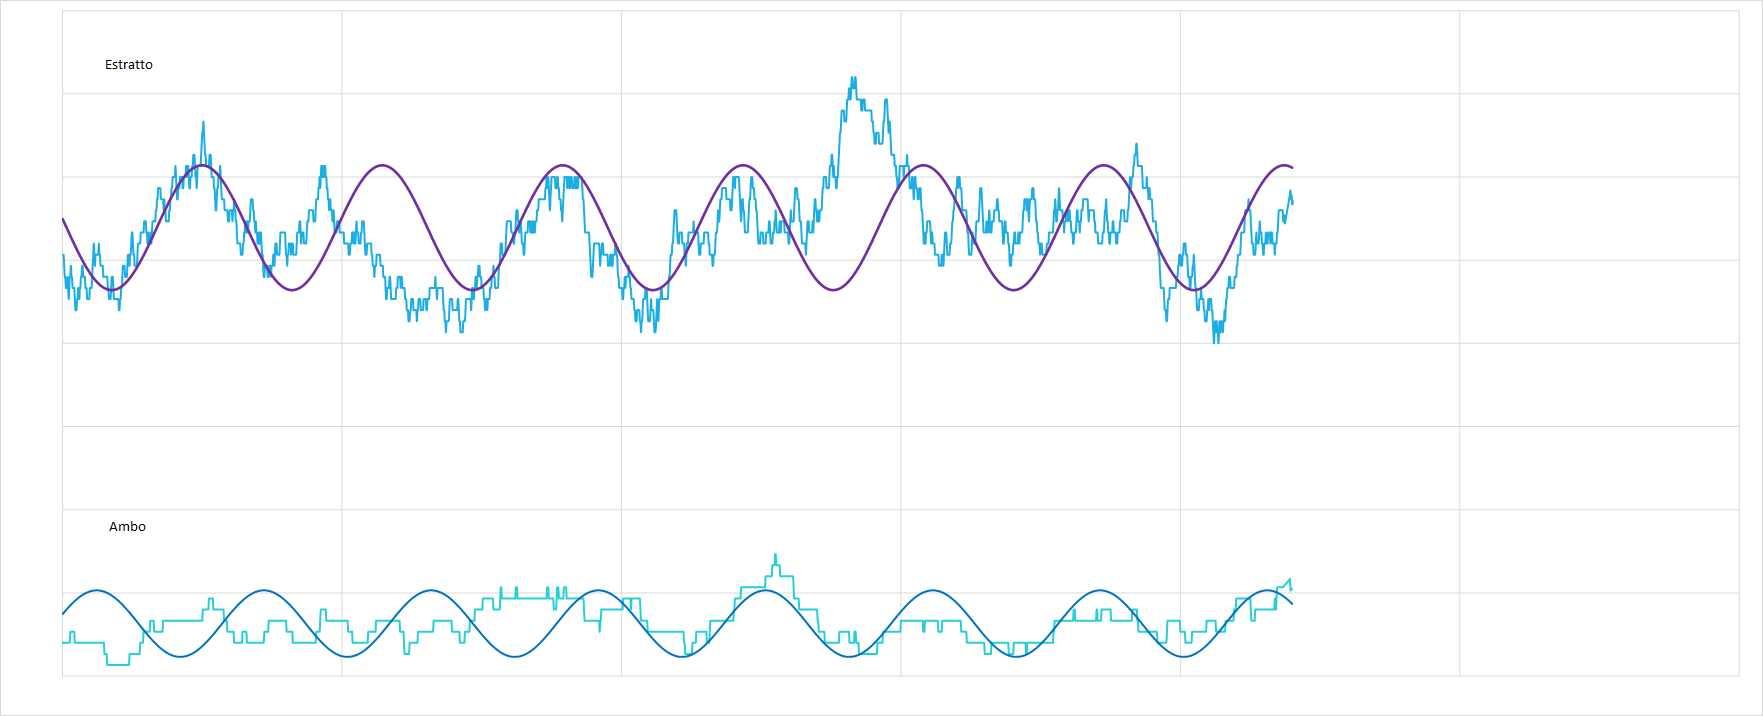 Ipotetico andamento sinusoidale interpolante per le medie dell'estratto e dell'ambo - Aggiornato all'estrazione precedente il 6 Aprile 2021